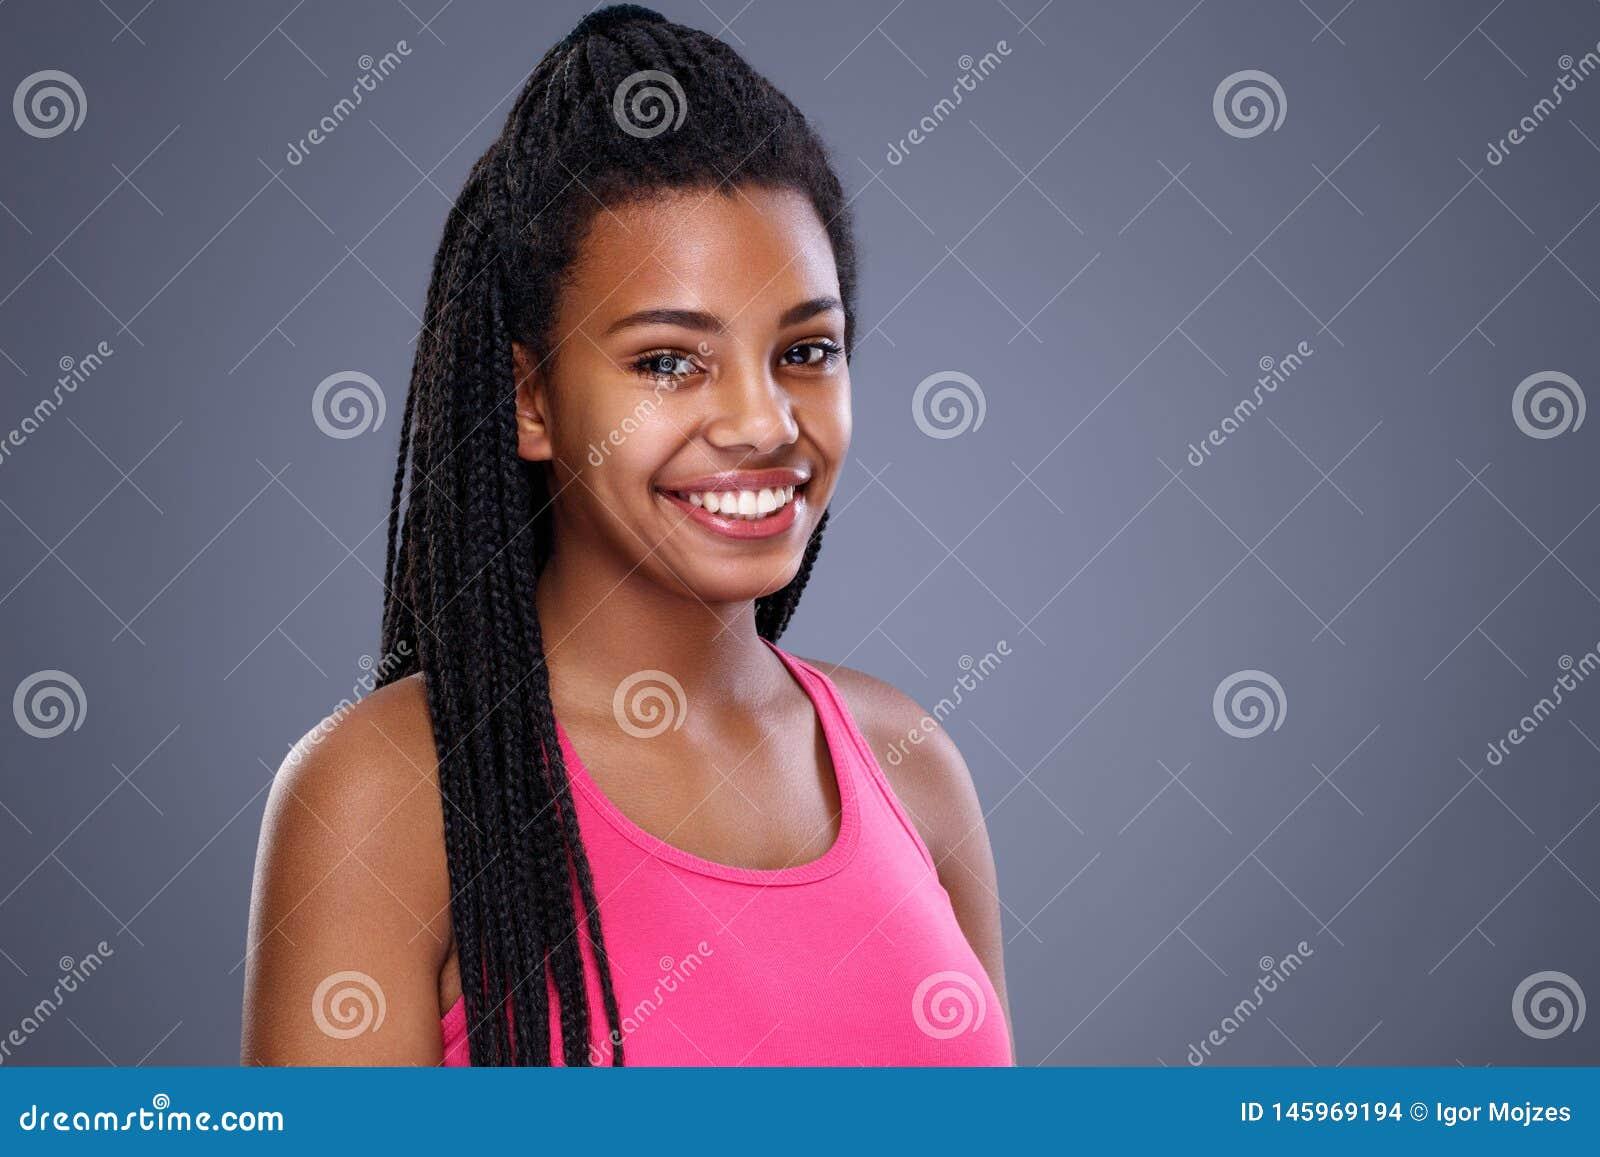 Портрет молодой африканской девушки